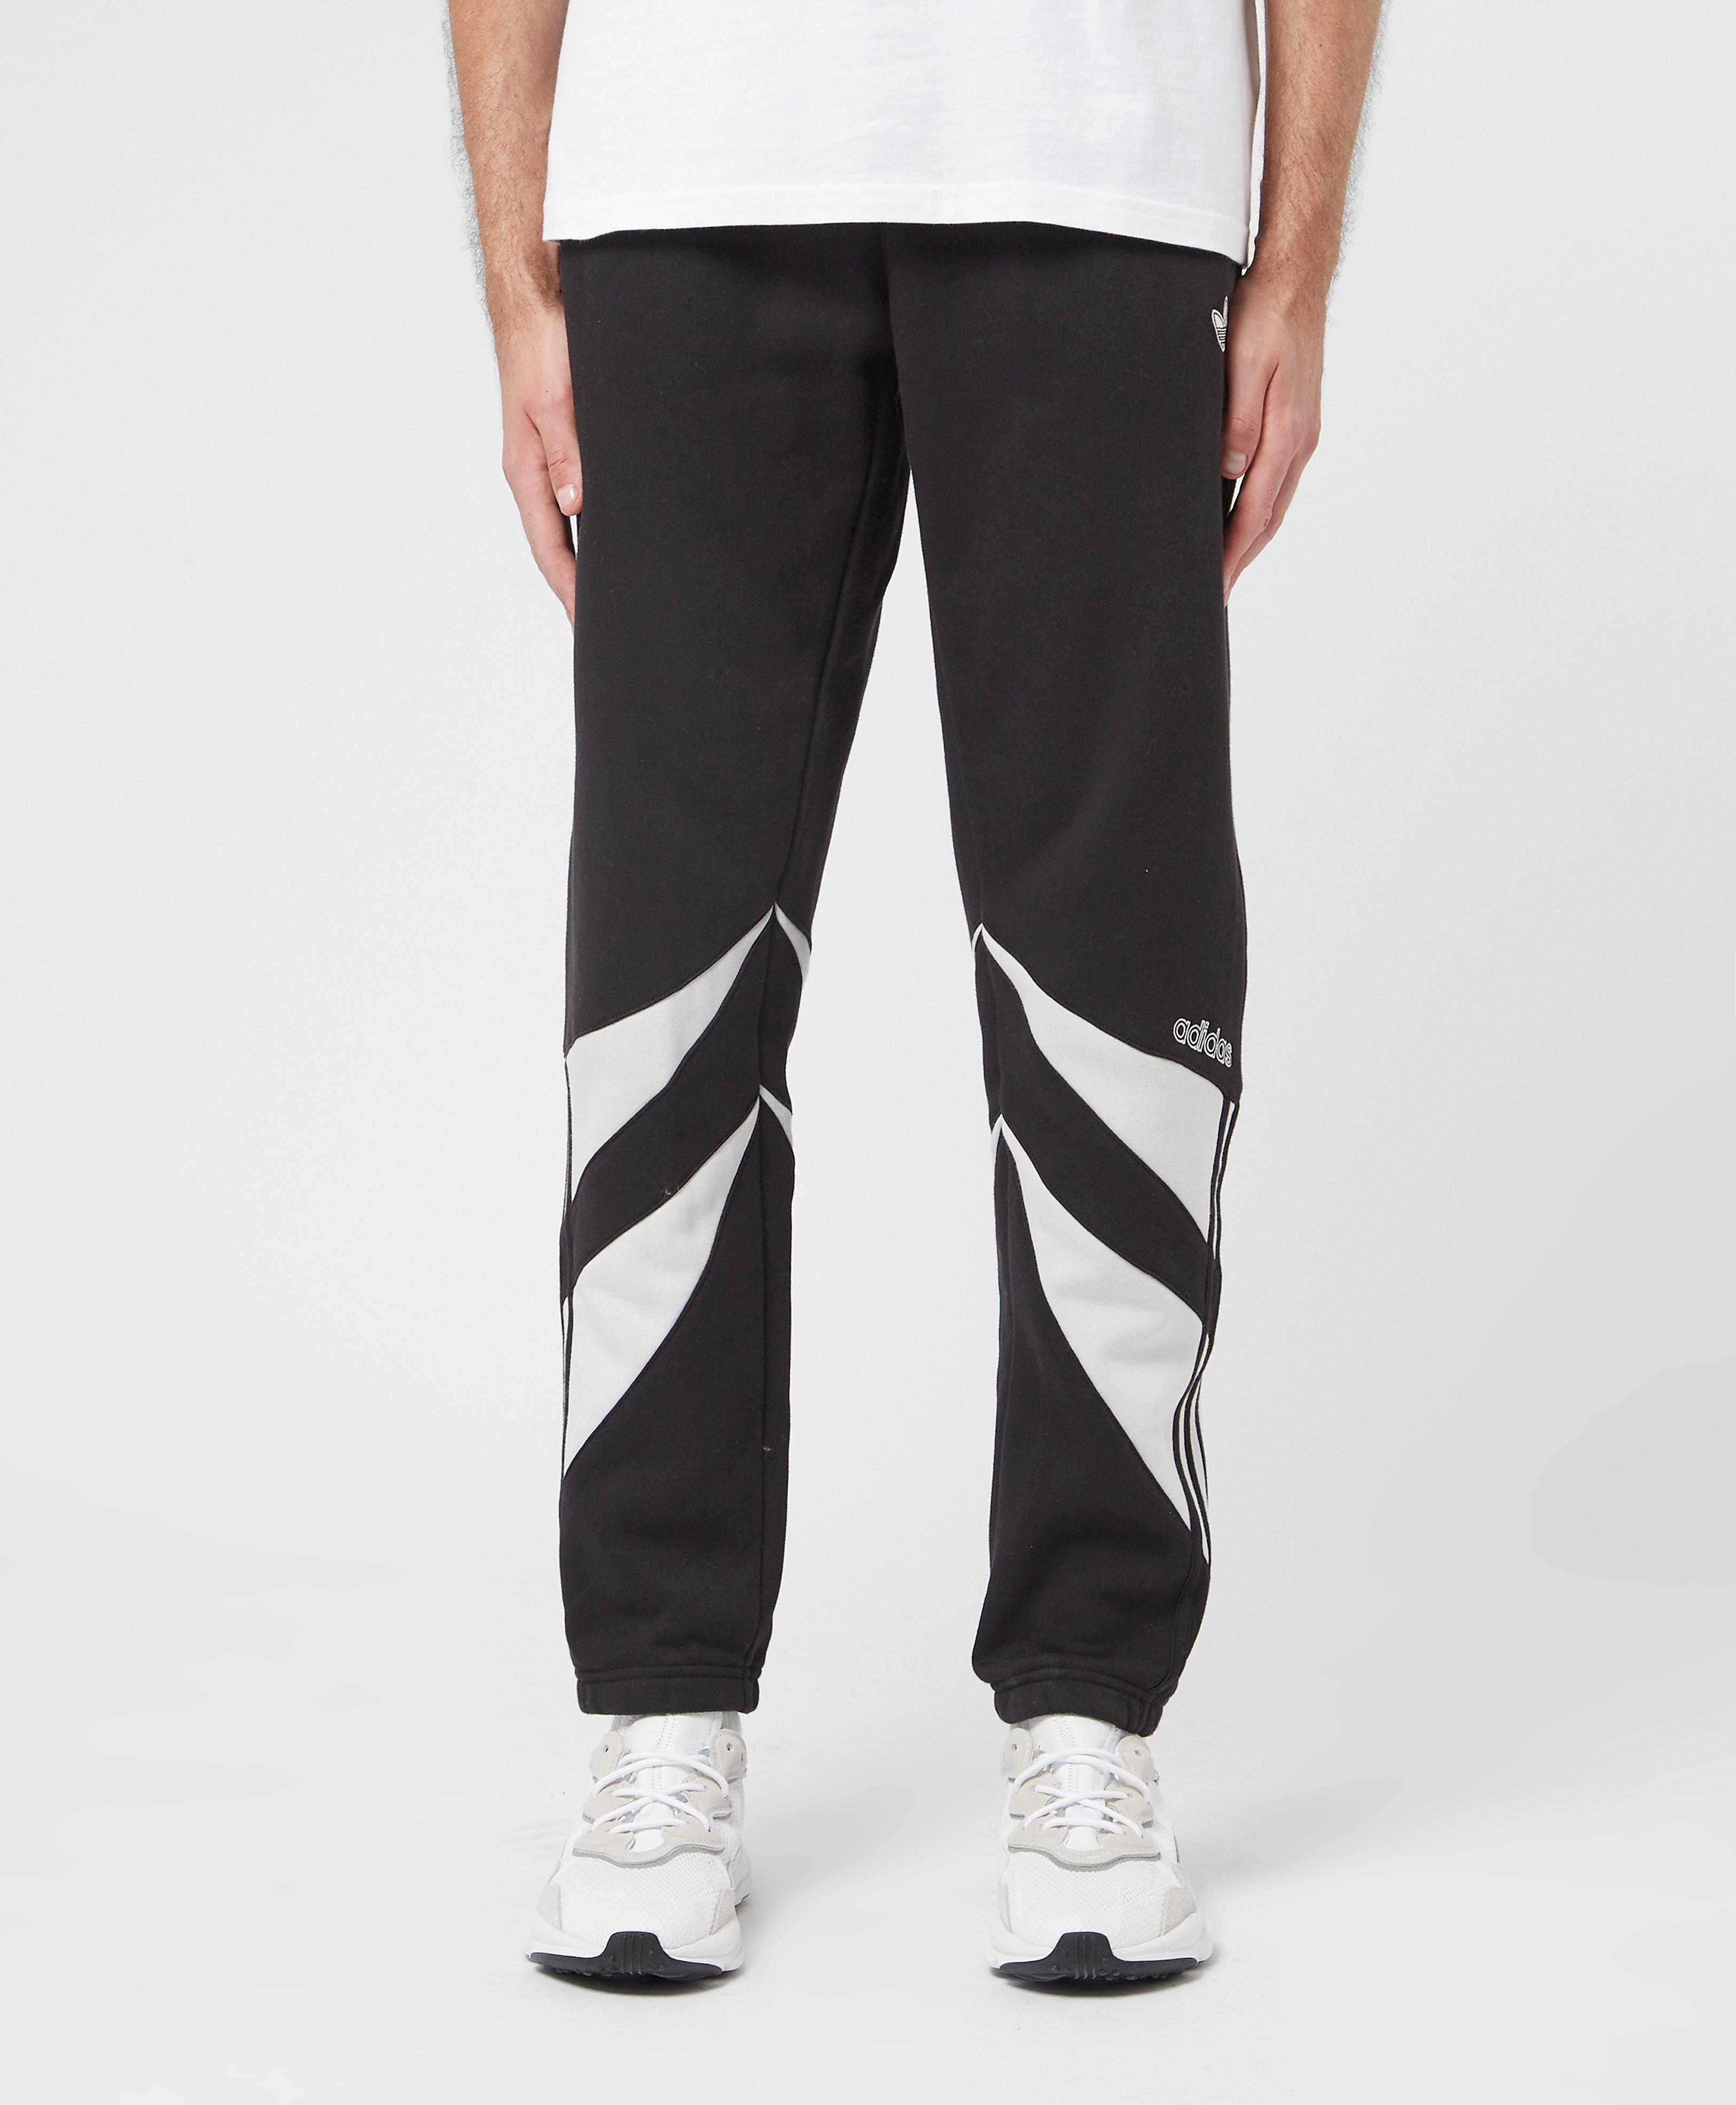 Men's adidas Originals Shark Joggers - Black, Black